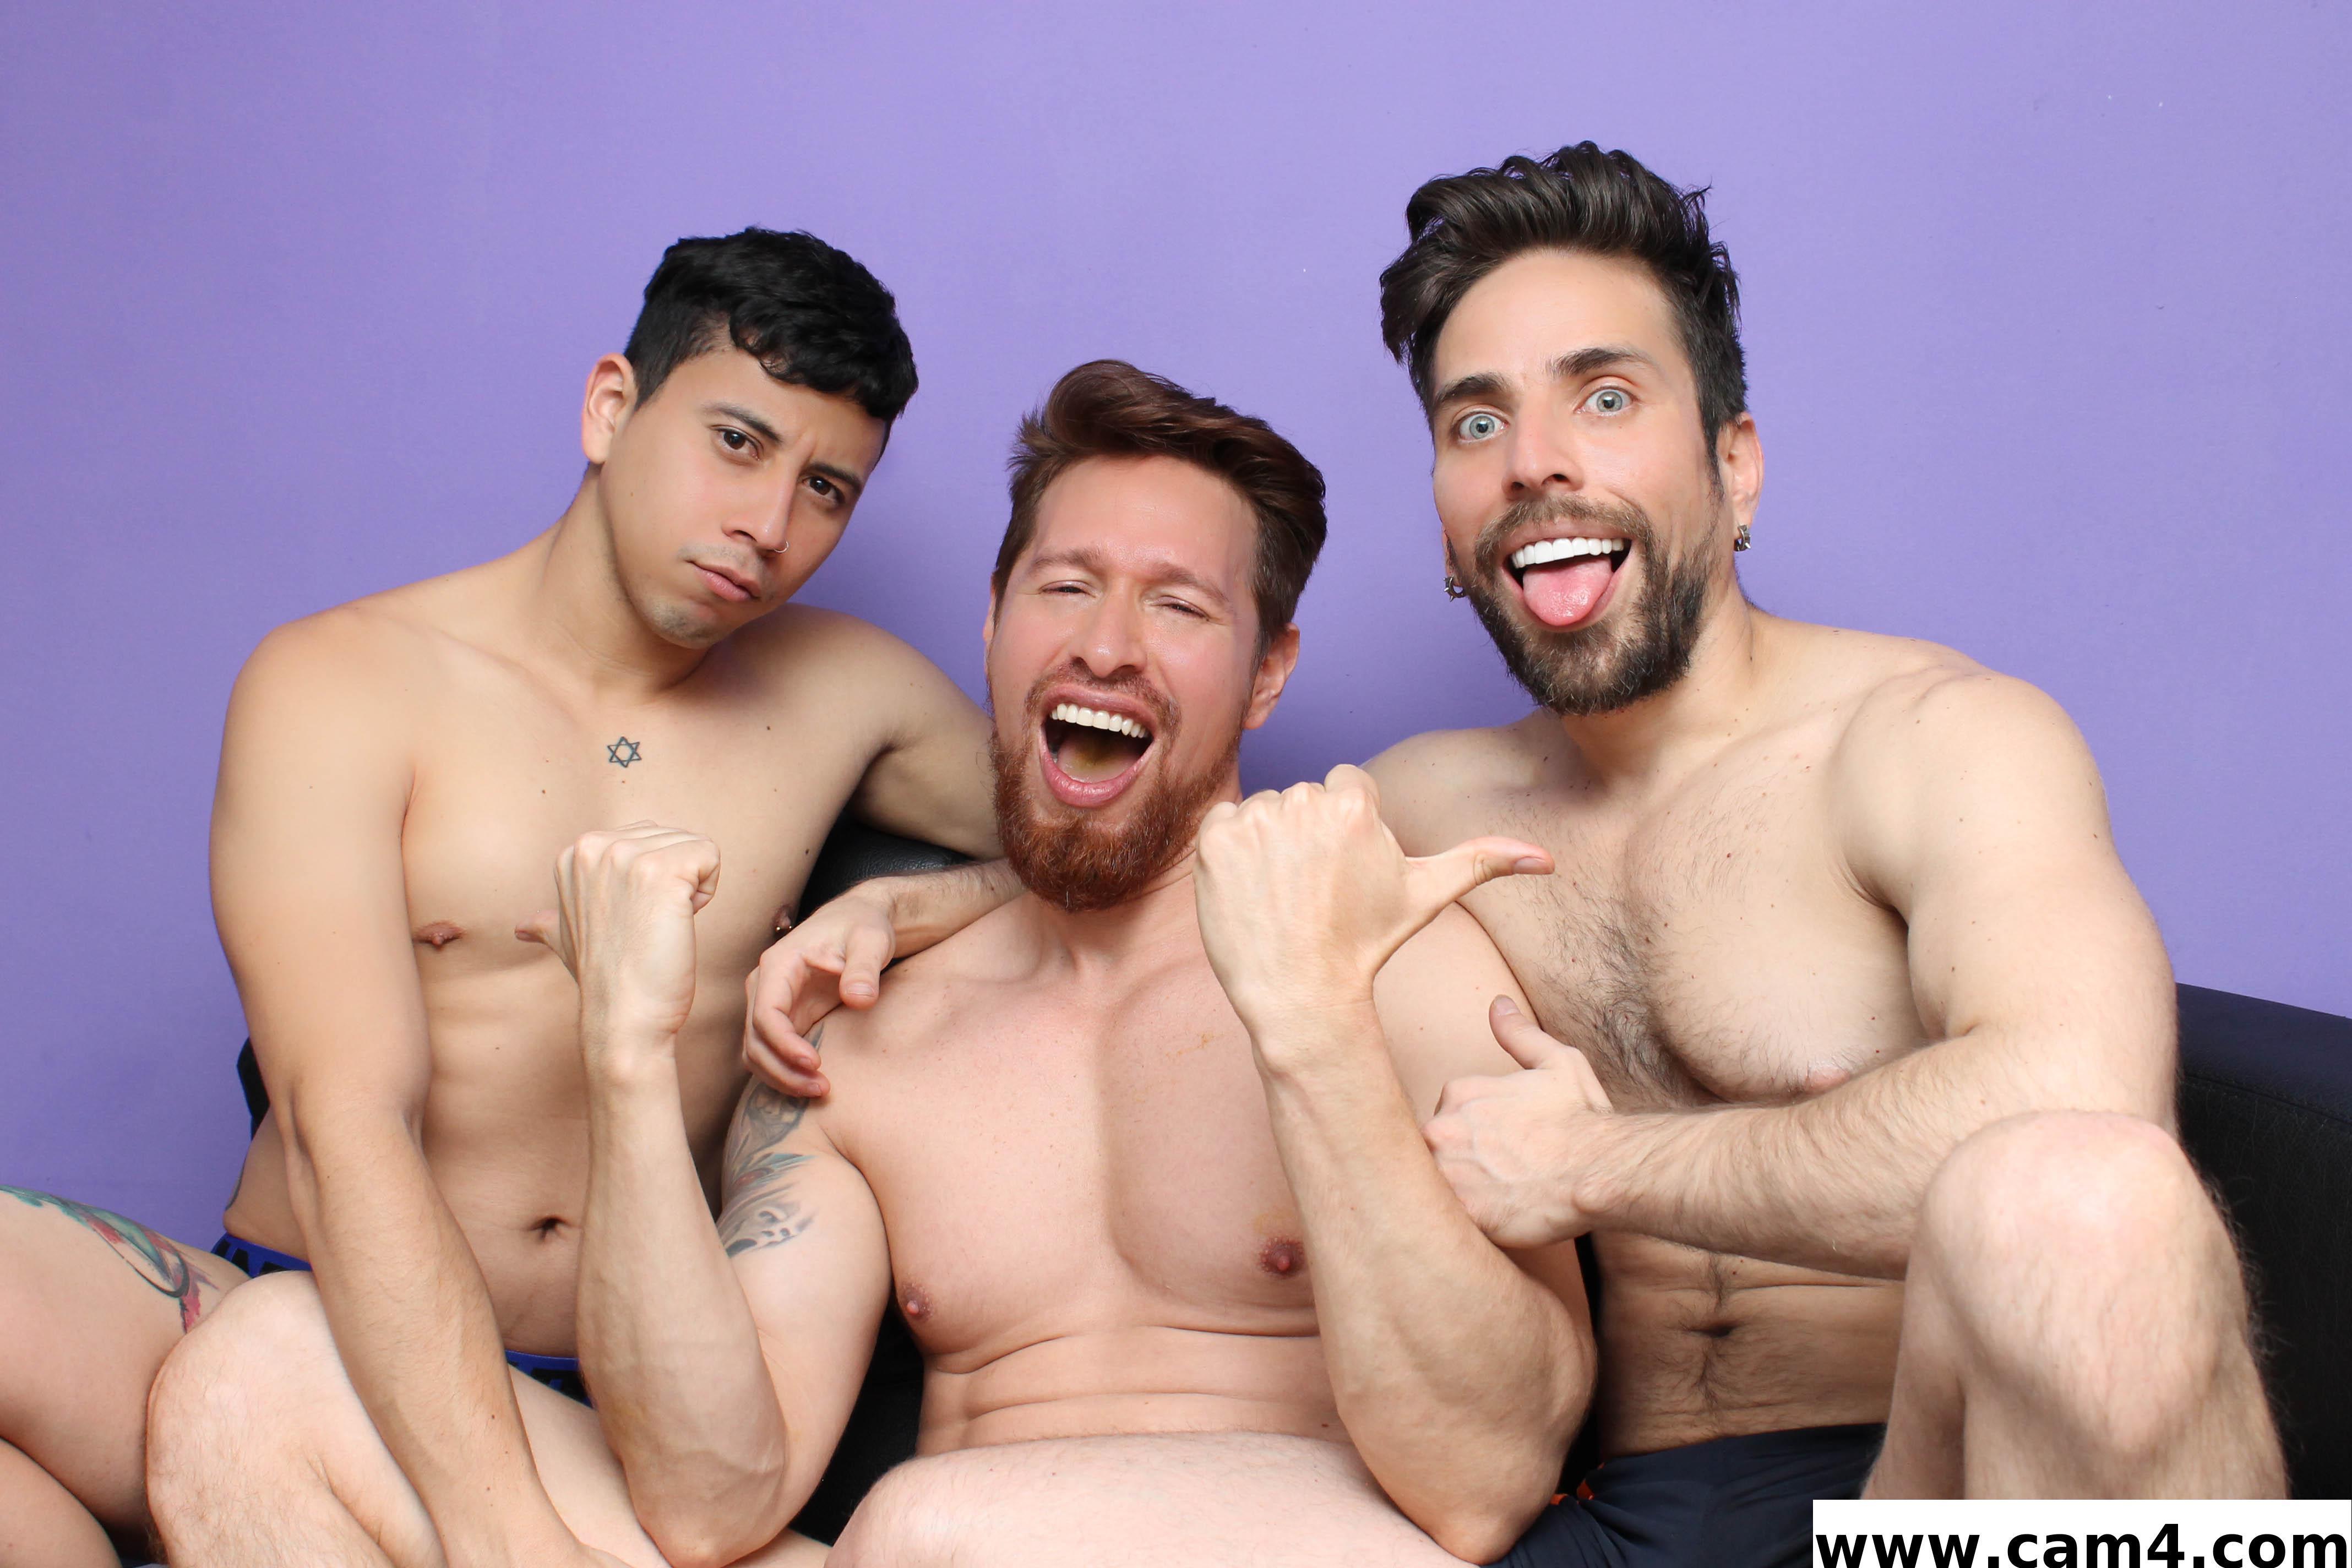 Μαύρο Λατινική γκέι σεξ